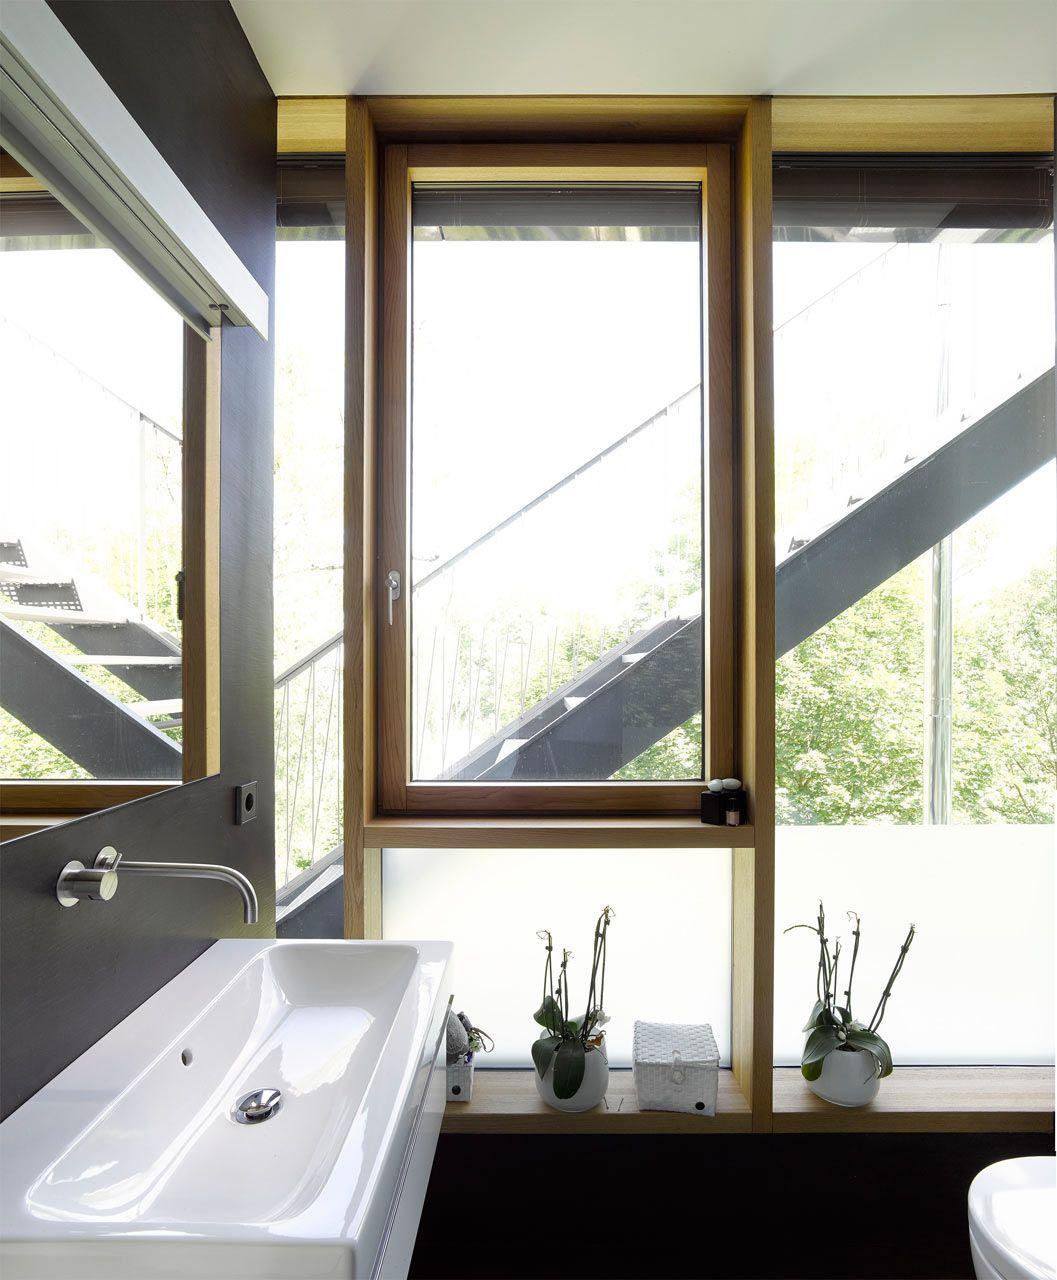 Sliding window over kitchen sink  behnischarchitektenhausrenostuttgart  stuttgart haus and